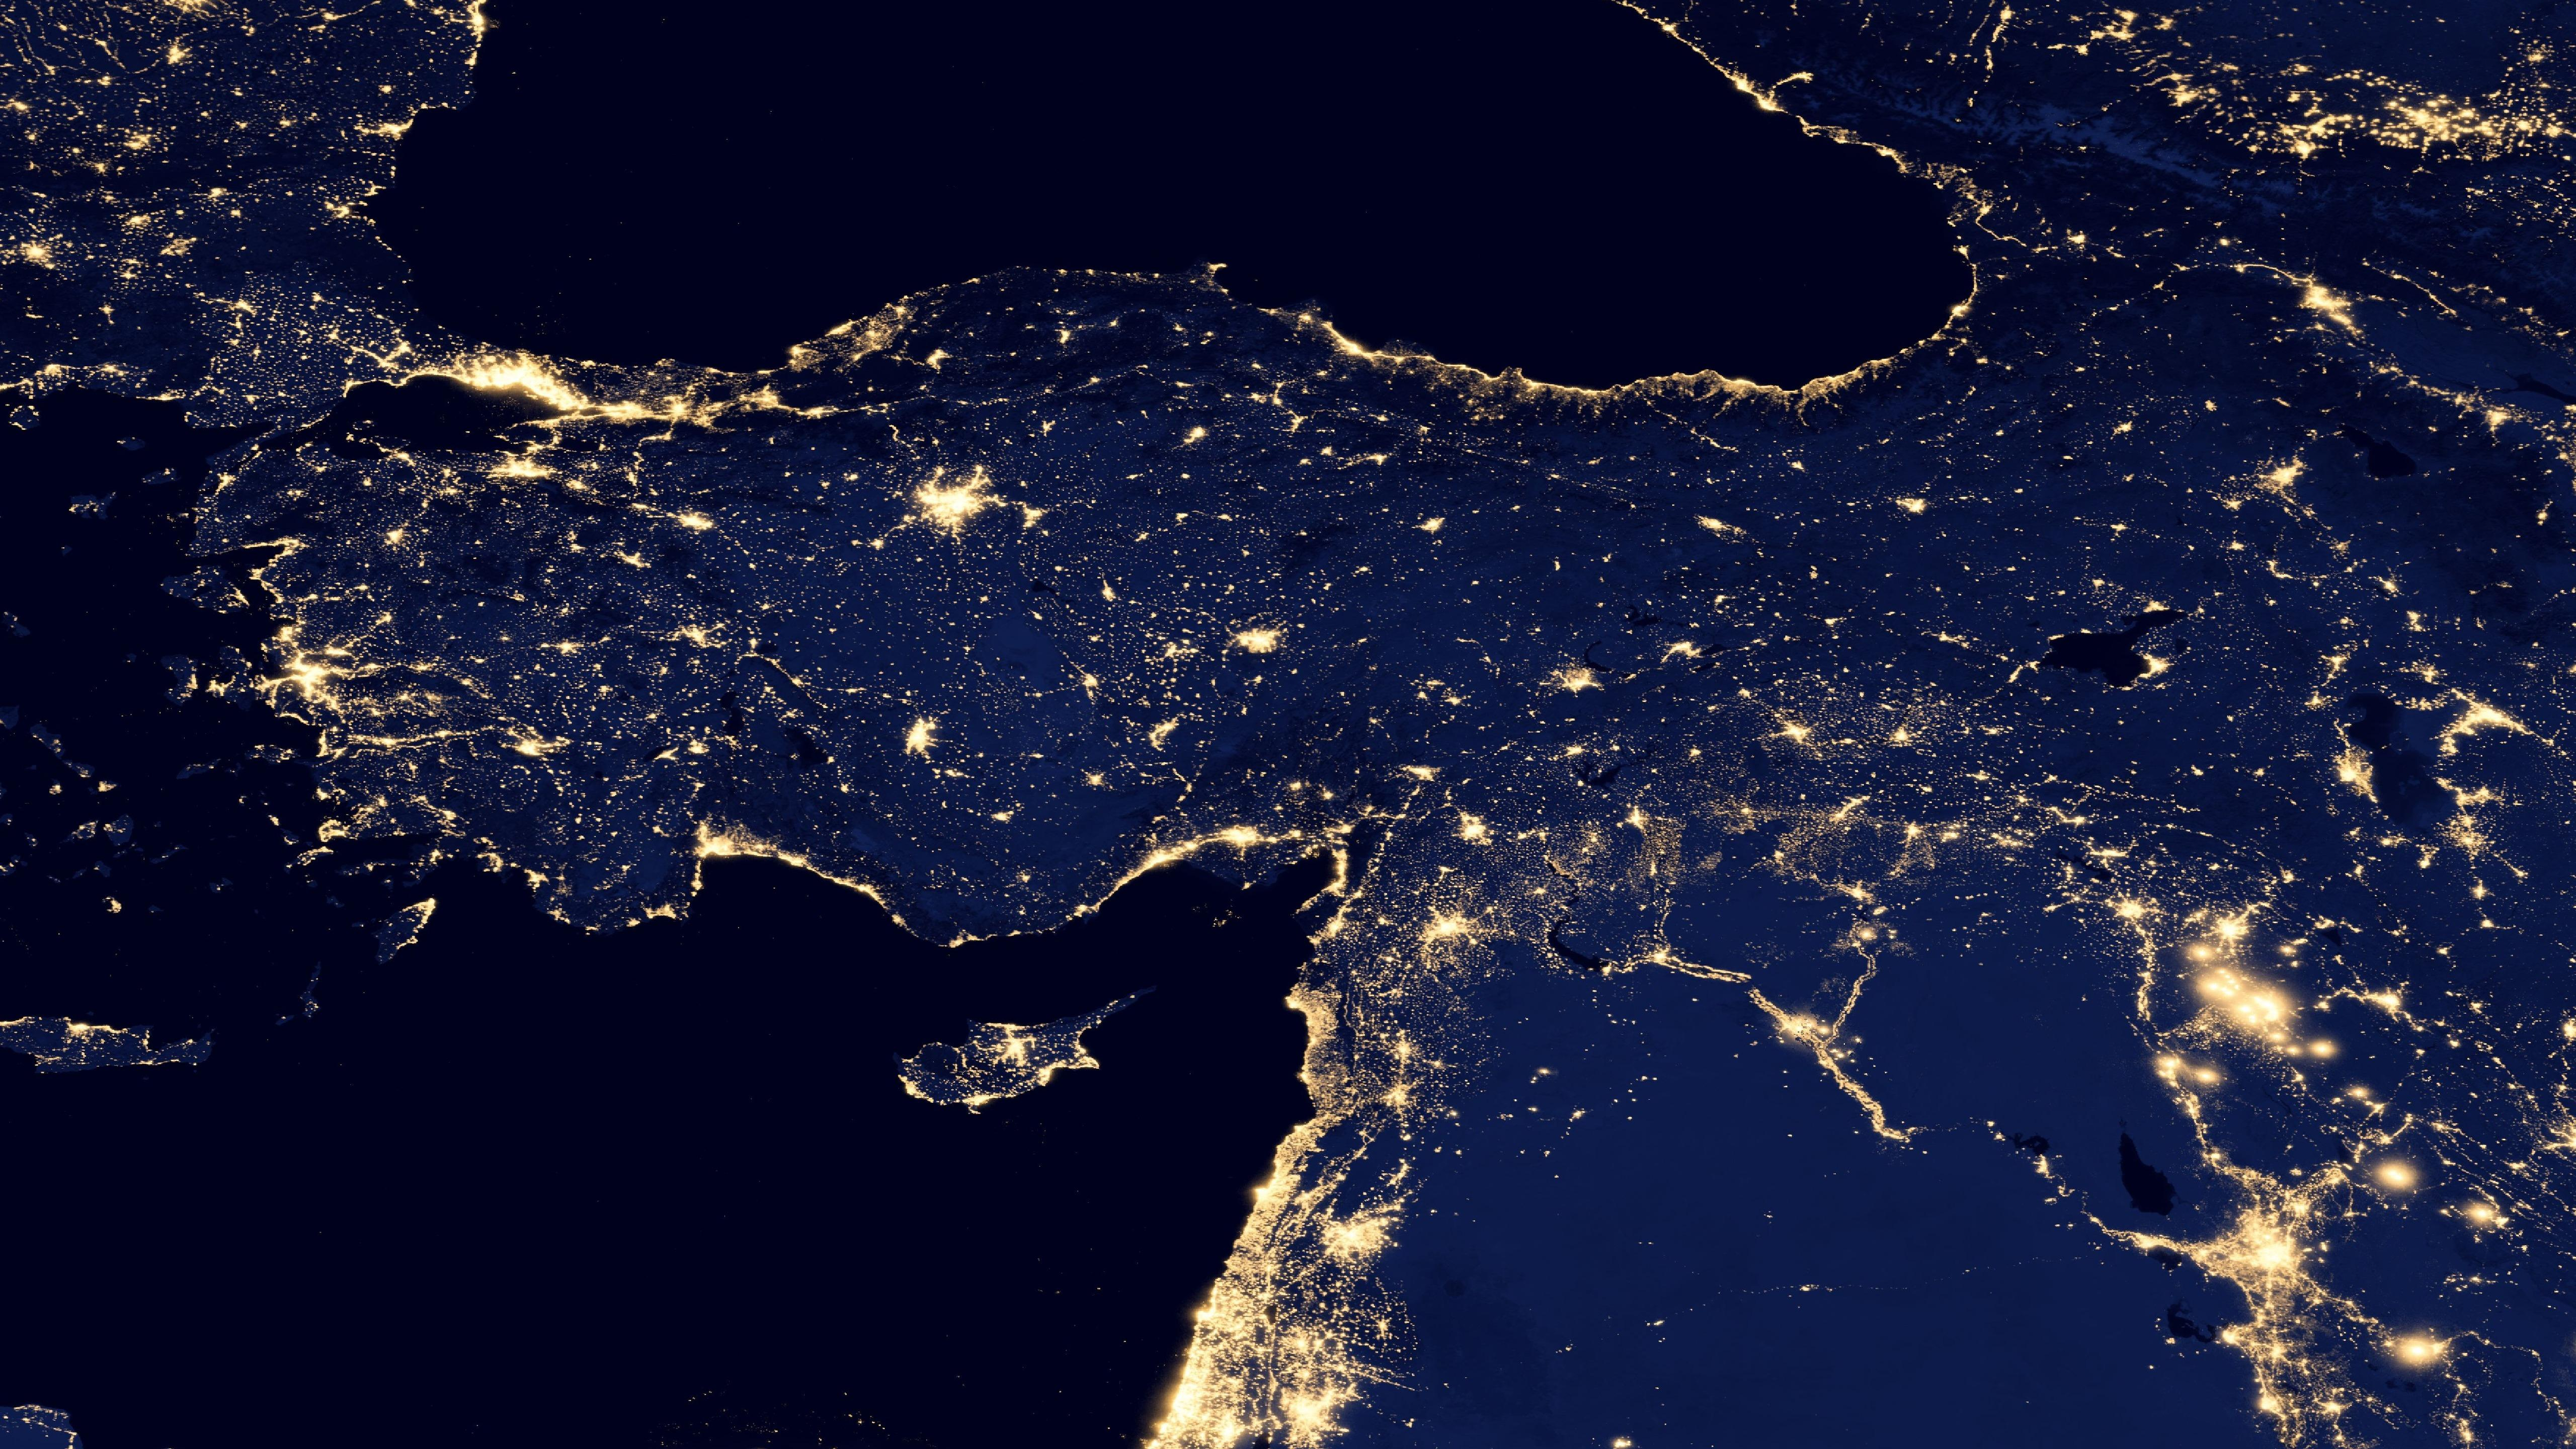 Night Lights of Turkey v2012 wallpaper